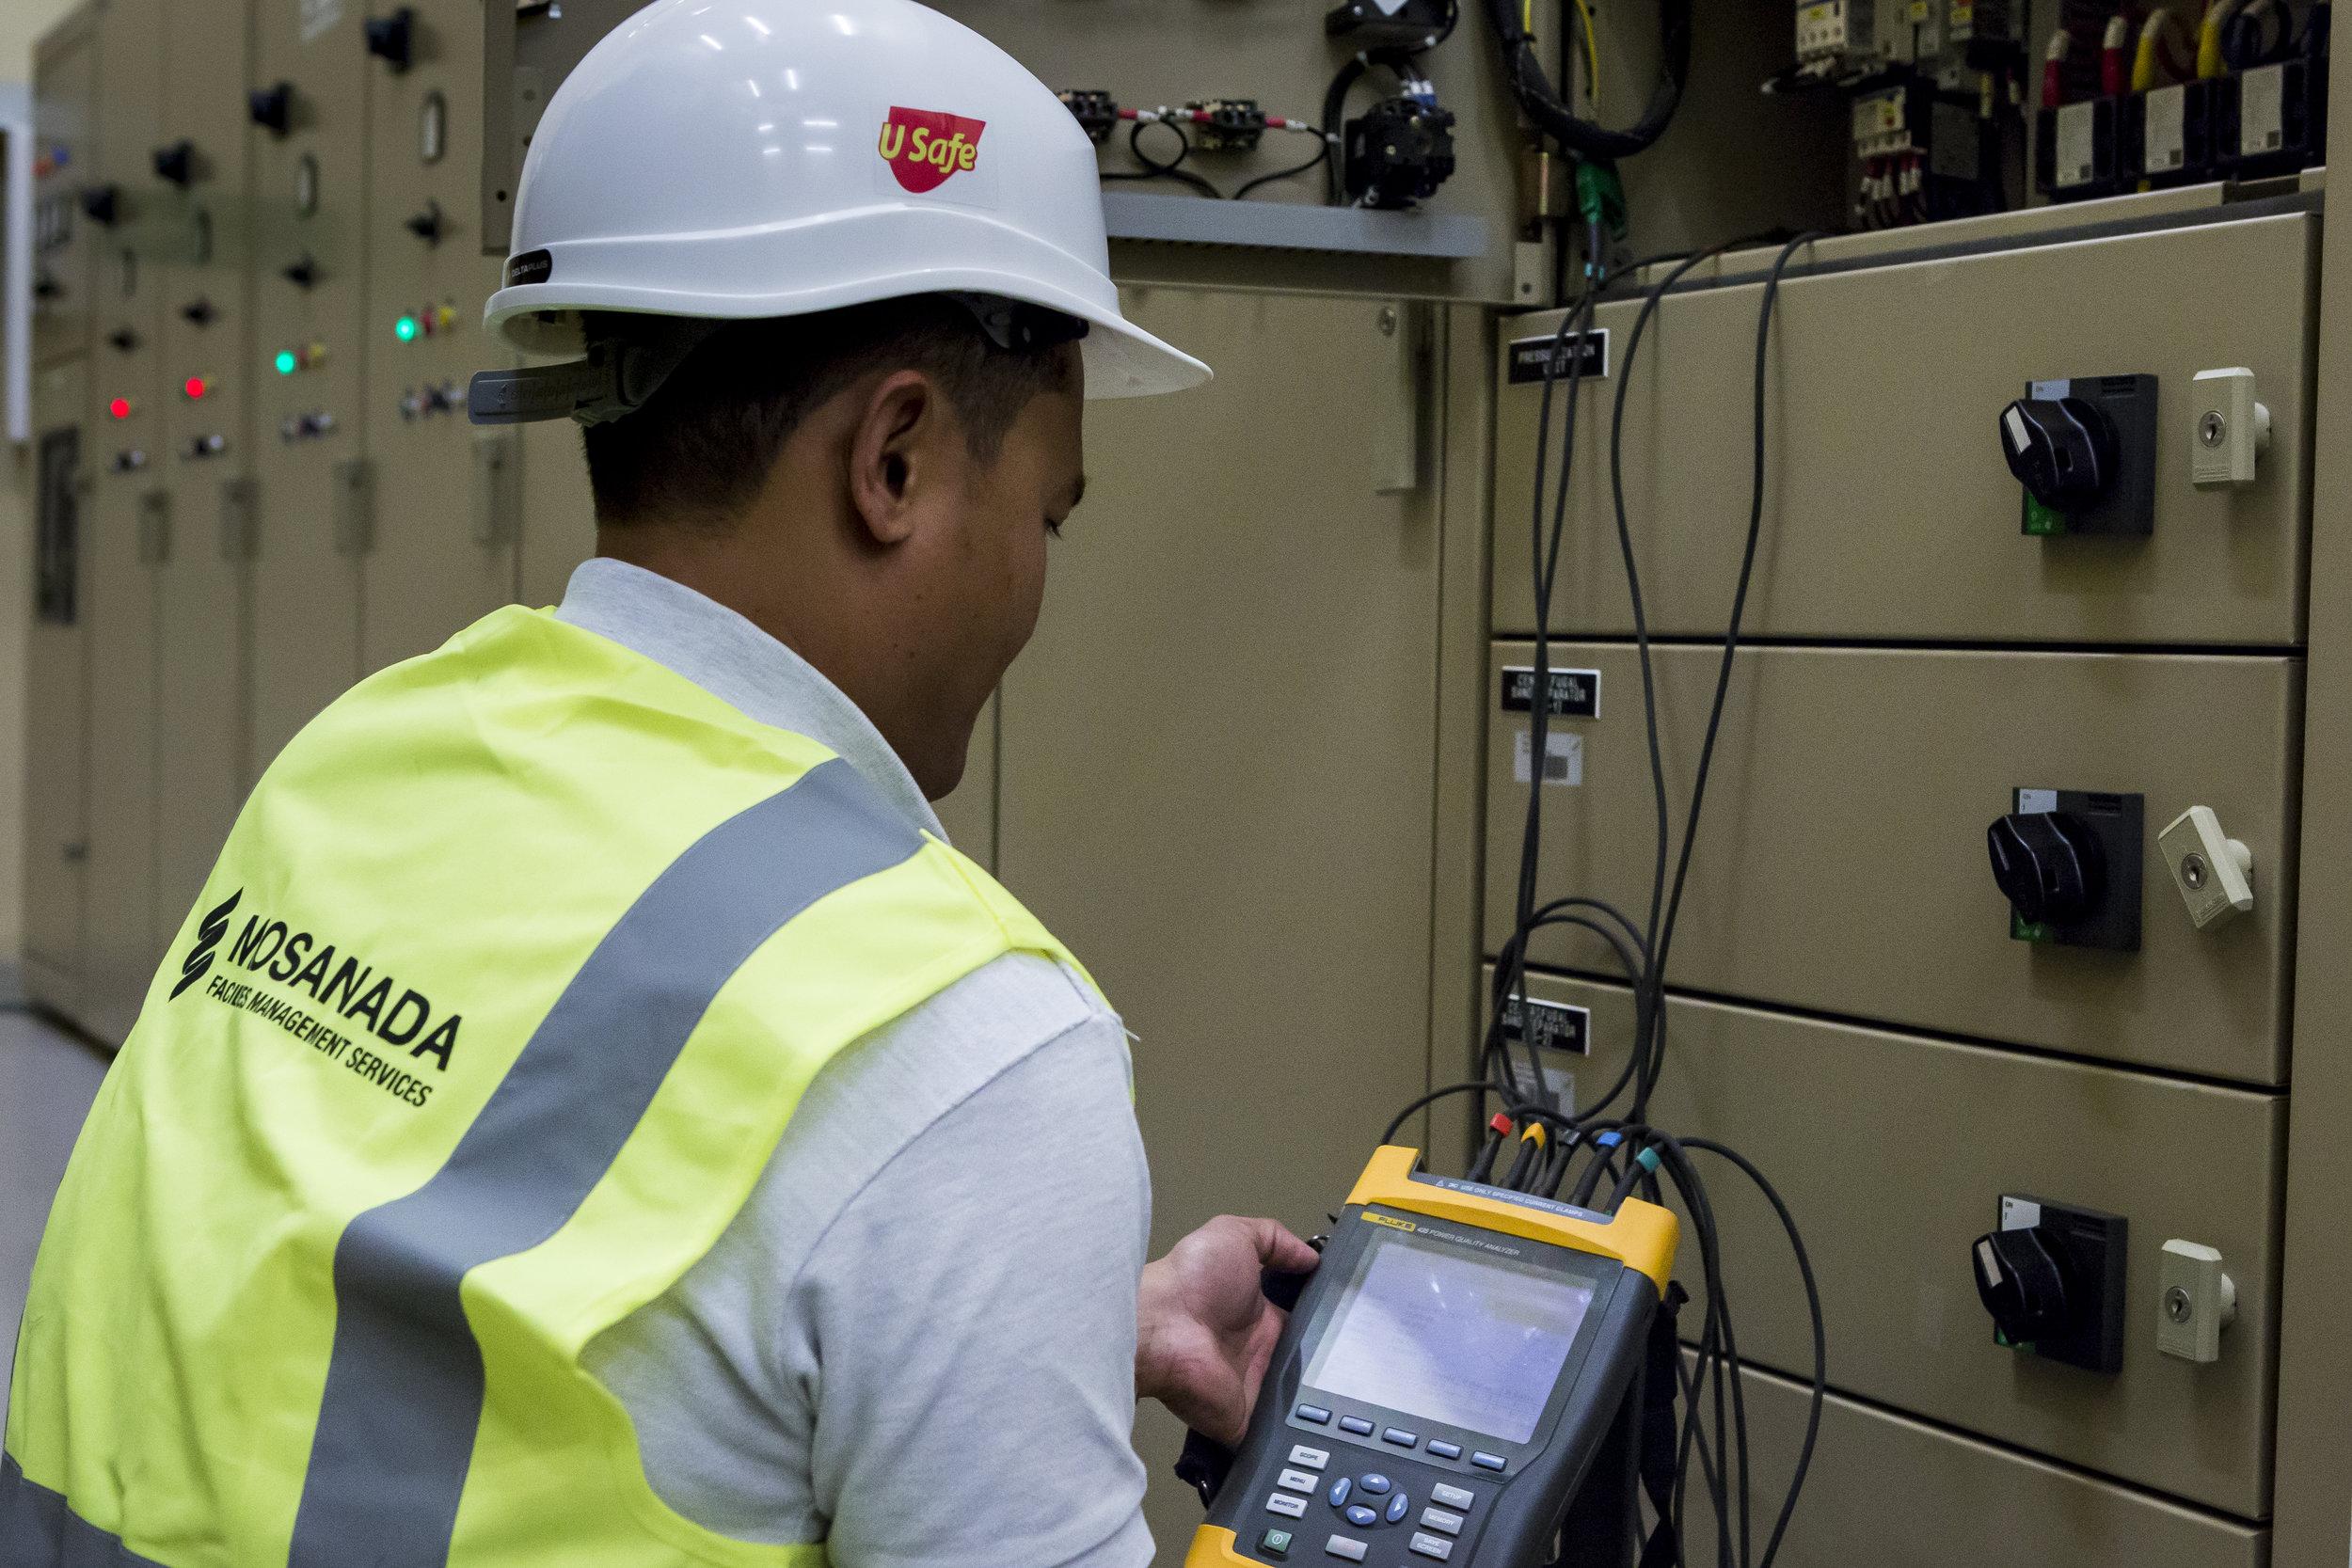 أحد مهندسي مساندة و هو يستخدم آلة تحليل الطاقة لجمع البيانات خلال التدقيق و مراجعة الطاقة